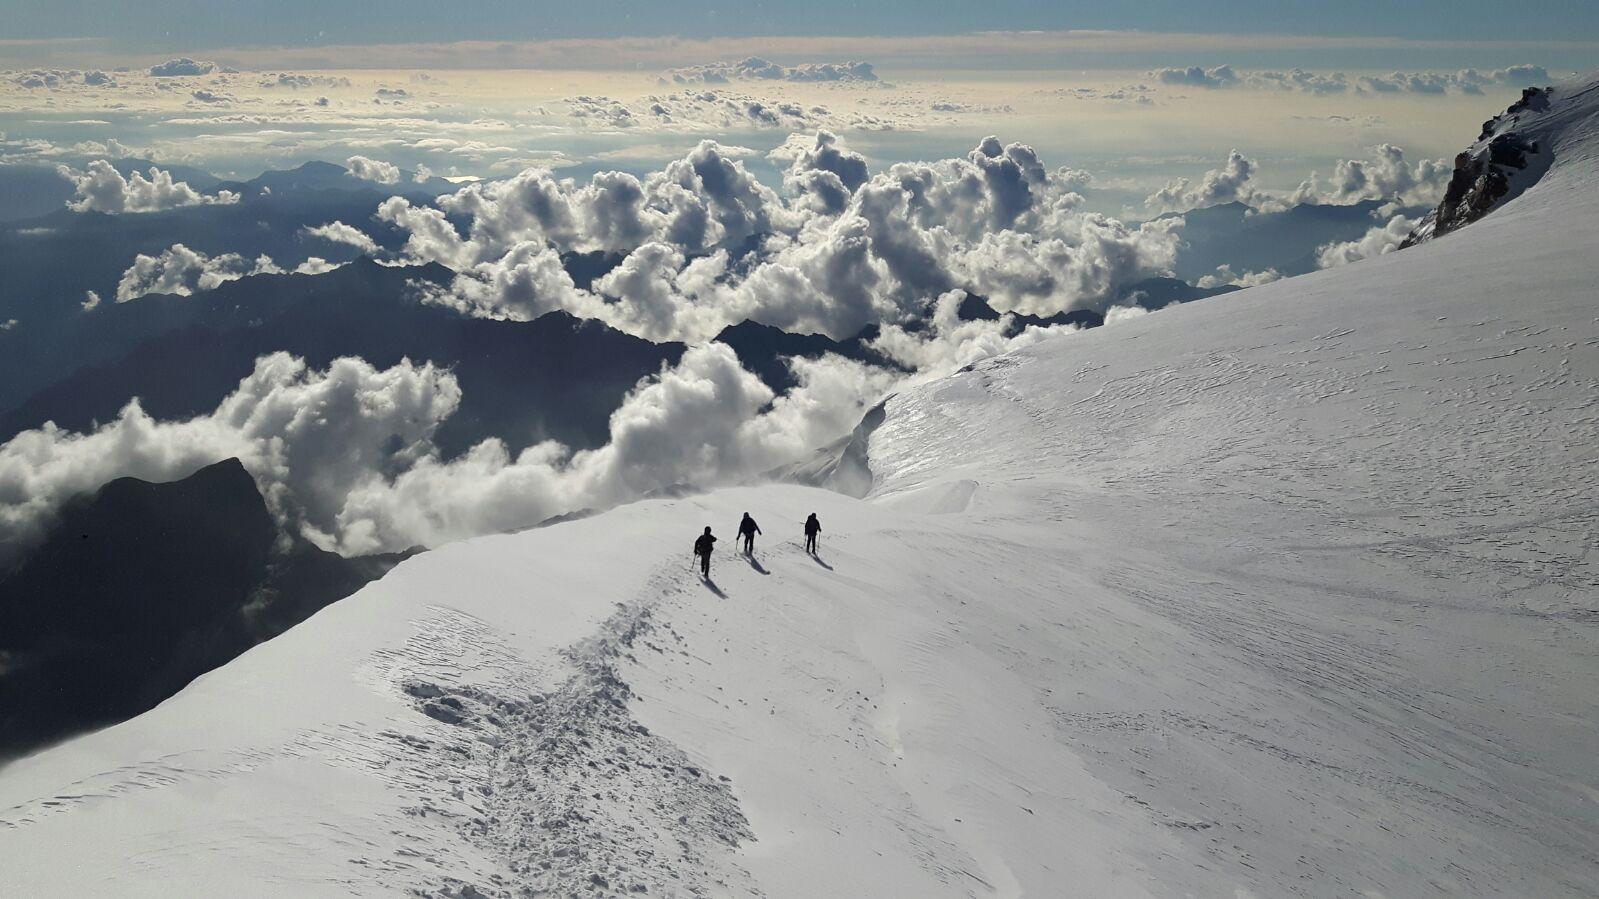 Acensión al ZUMSTEIN (MONTE ROSA) 4.563 mts. y PUNTA GNIFETTI 4.554 mts.